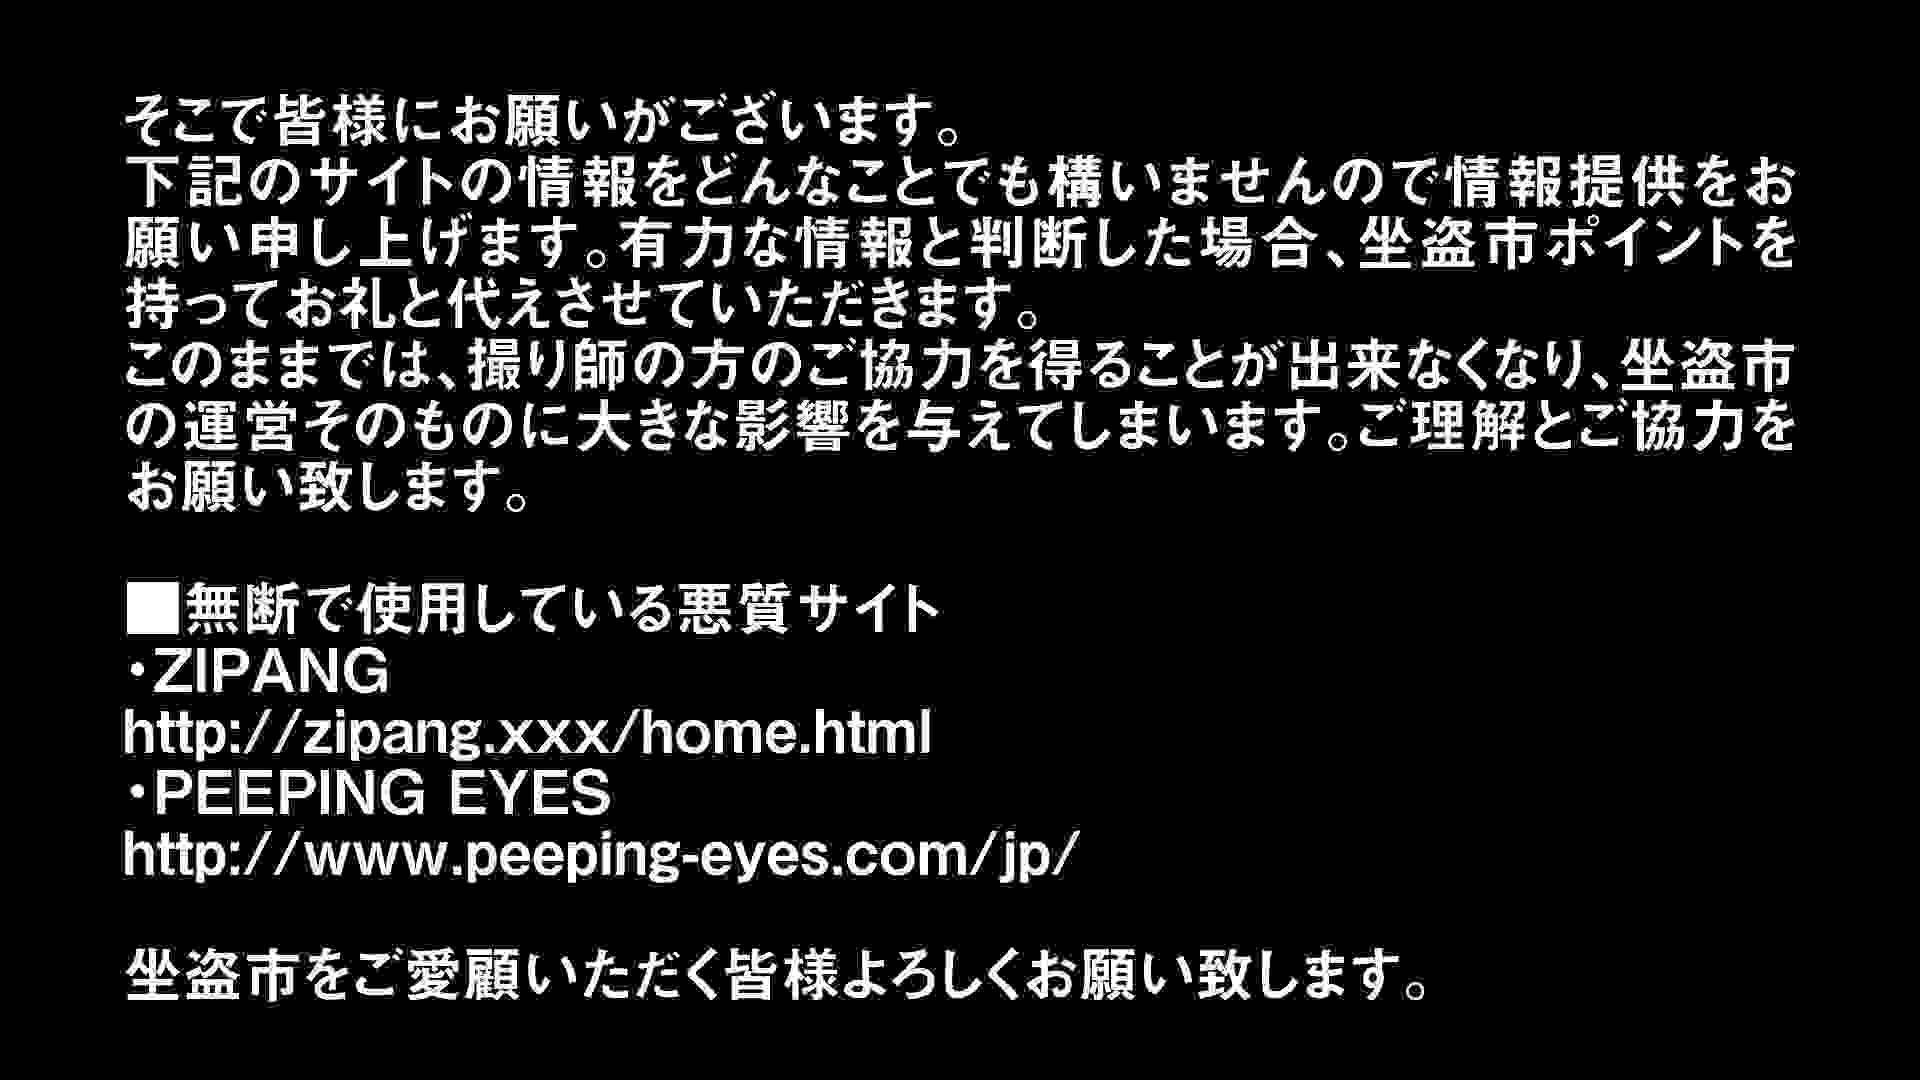 Aquaな露天風呂Vol.301 盗撮 | 露天風呂  112連発 37